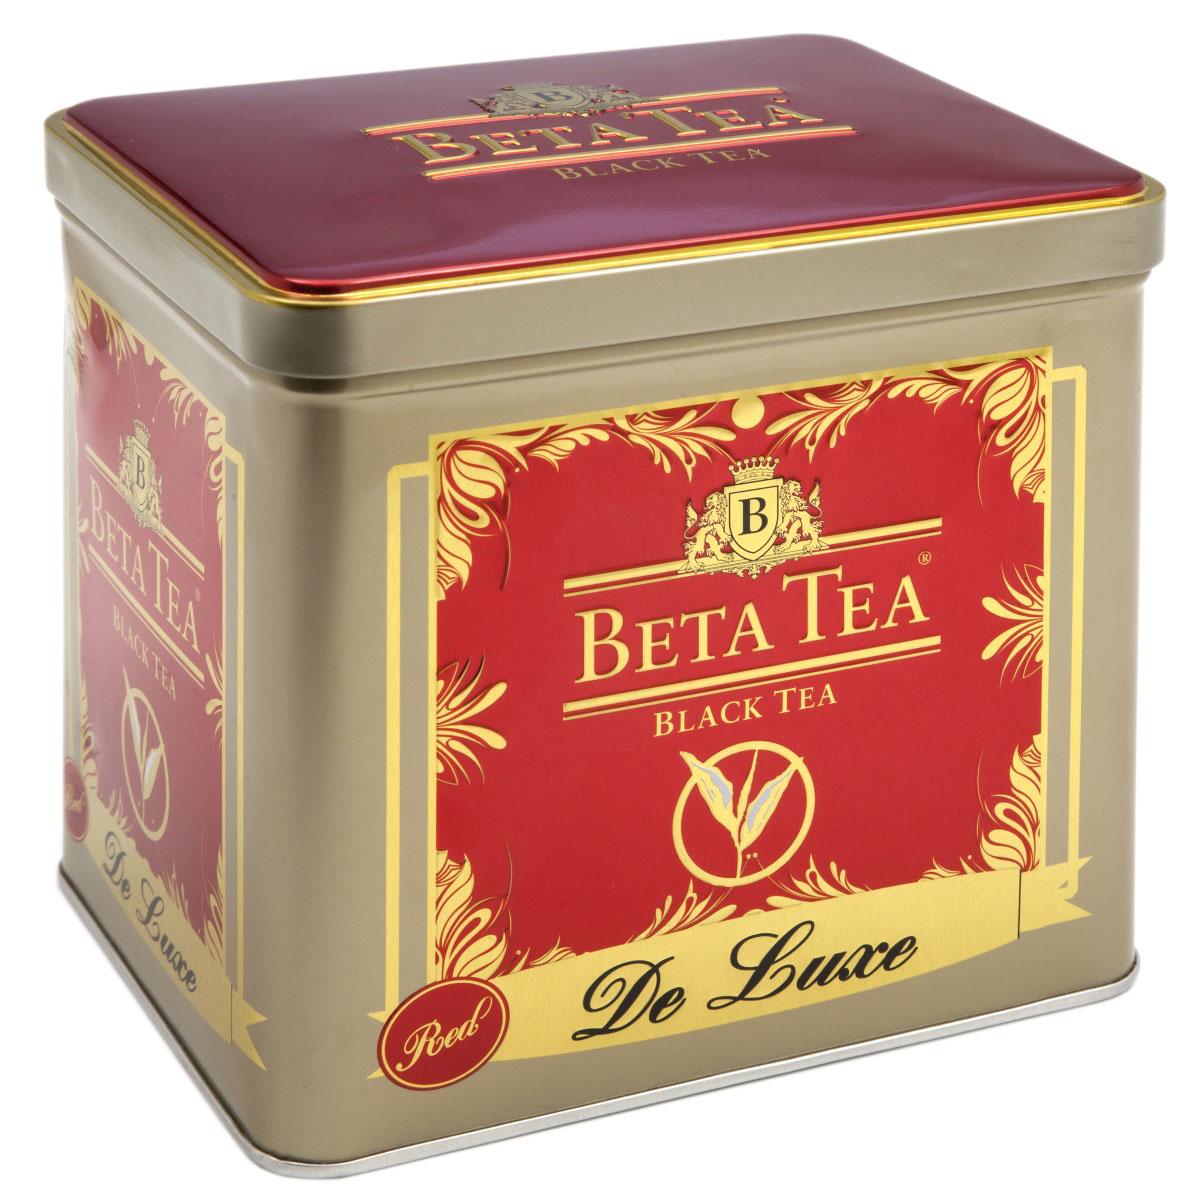 Beta Tea Де Люкс крупнолистовой чай, 225 г (подарочная упаковка)8690717970004Чай Beta Де Люкс растет в южных районах Шри-Ланки на высоте 500 метров над уровнем моря. Цельные скрученные зеленые листья отборного качества доводят до темного цвета. Такая обработка чайного листа придает чаю насыщенный цвет и тонкий аромат. Чай Beta Де Люкс одинаково хорош в охлажденном и горячем виде, прекрасно утоляет жажду в любое время суток.